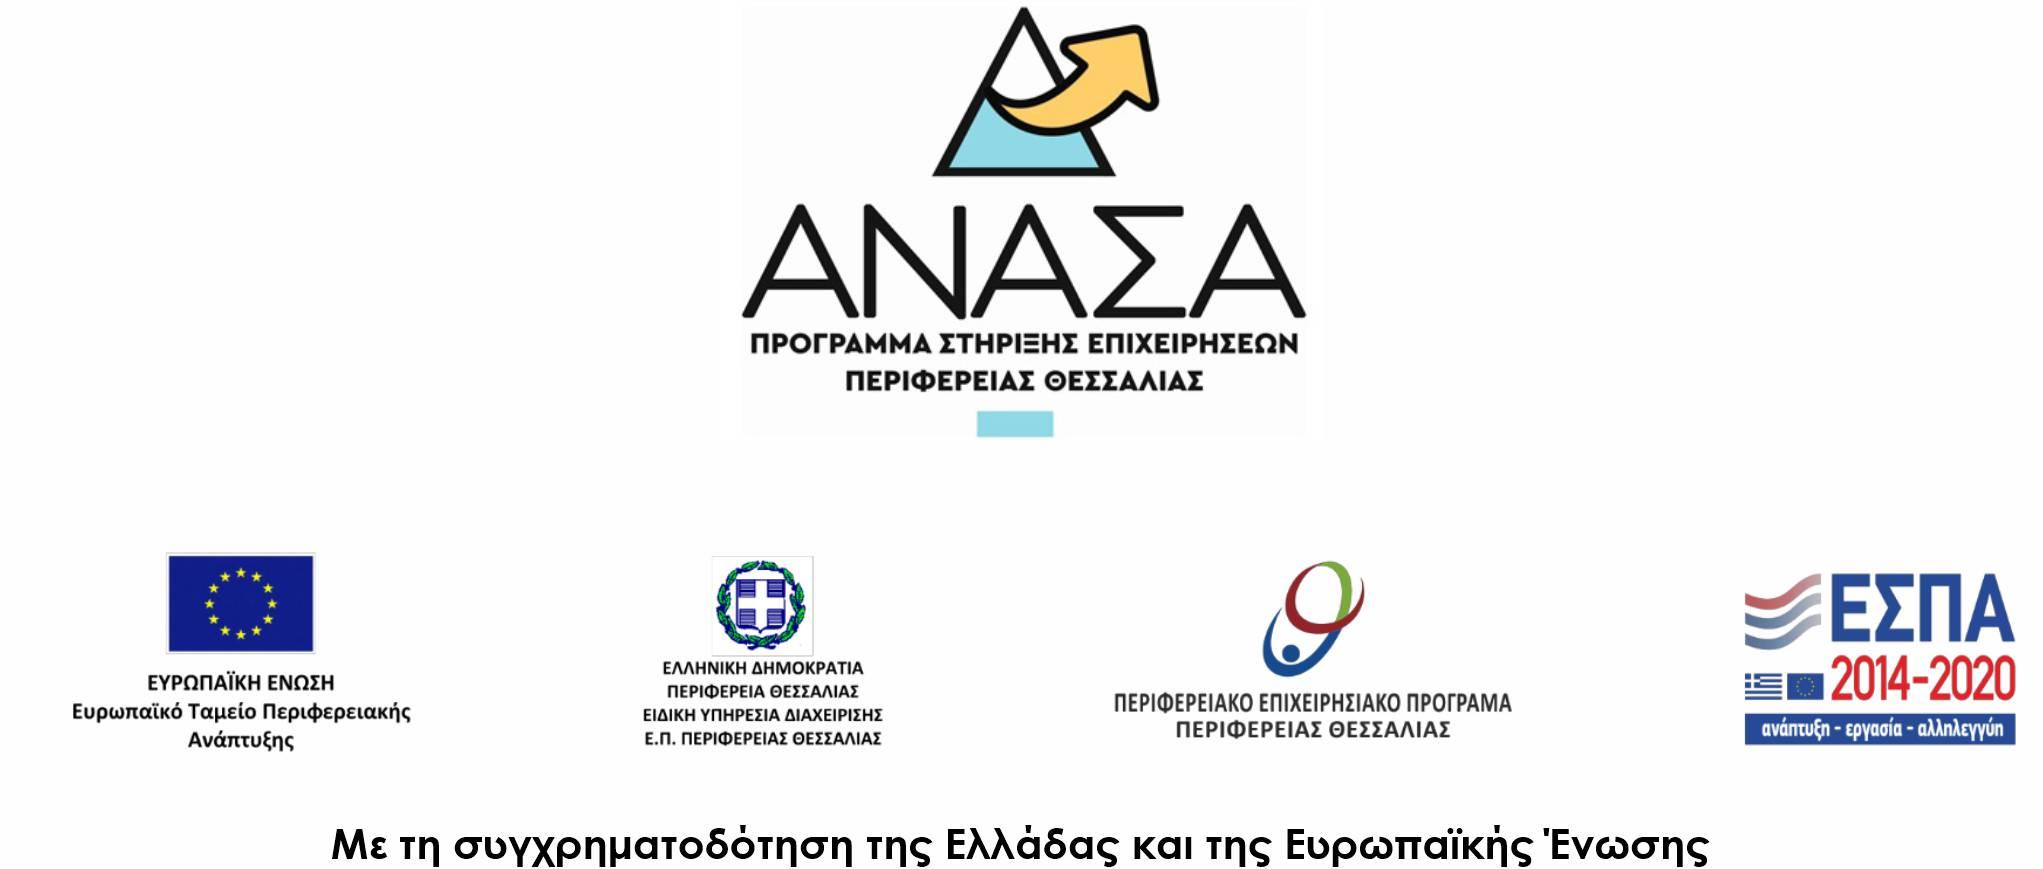 anasa announcement 0